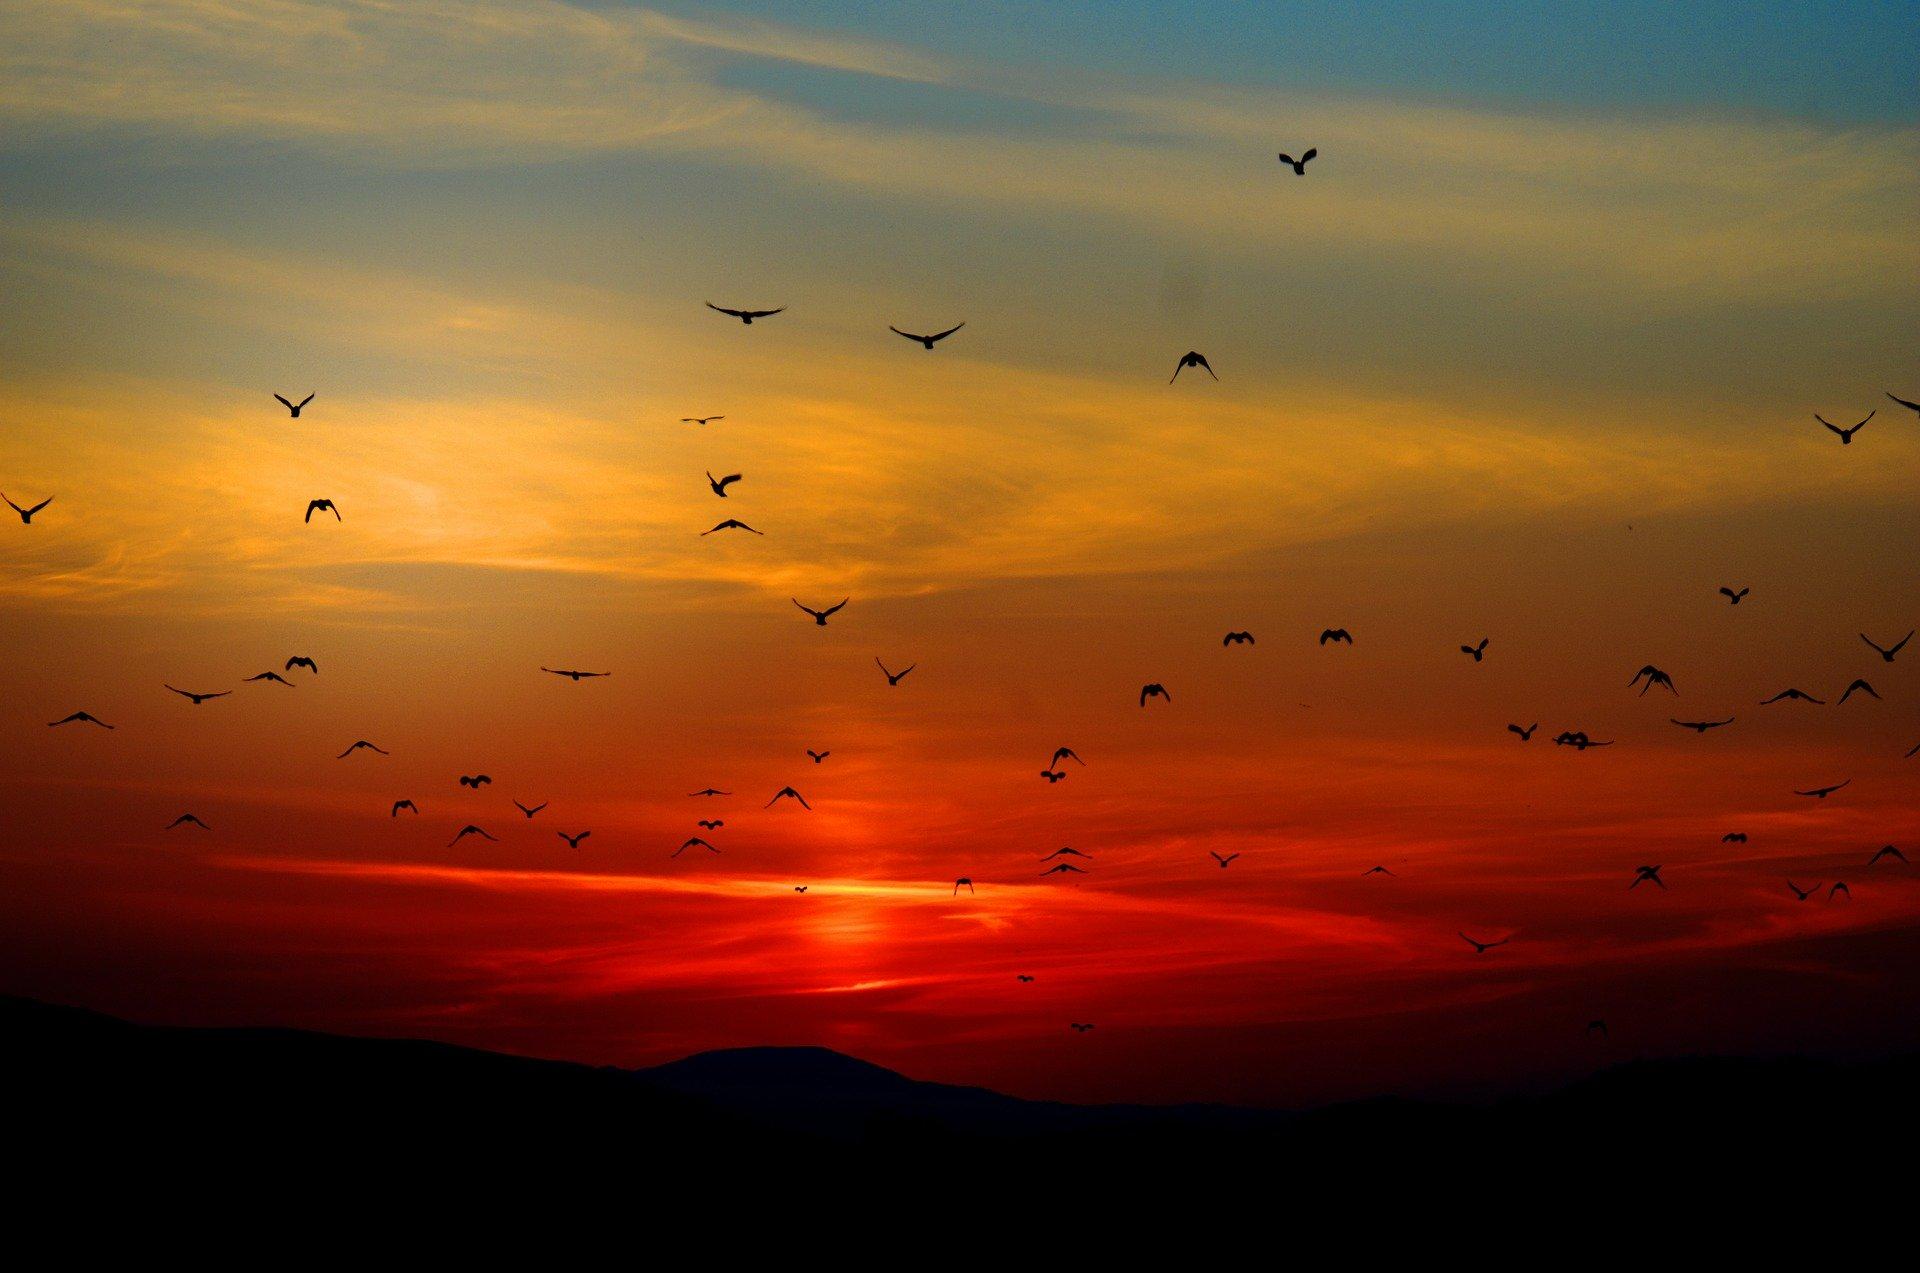 solnedgang og flyvende fugle